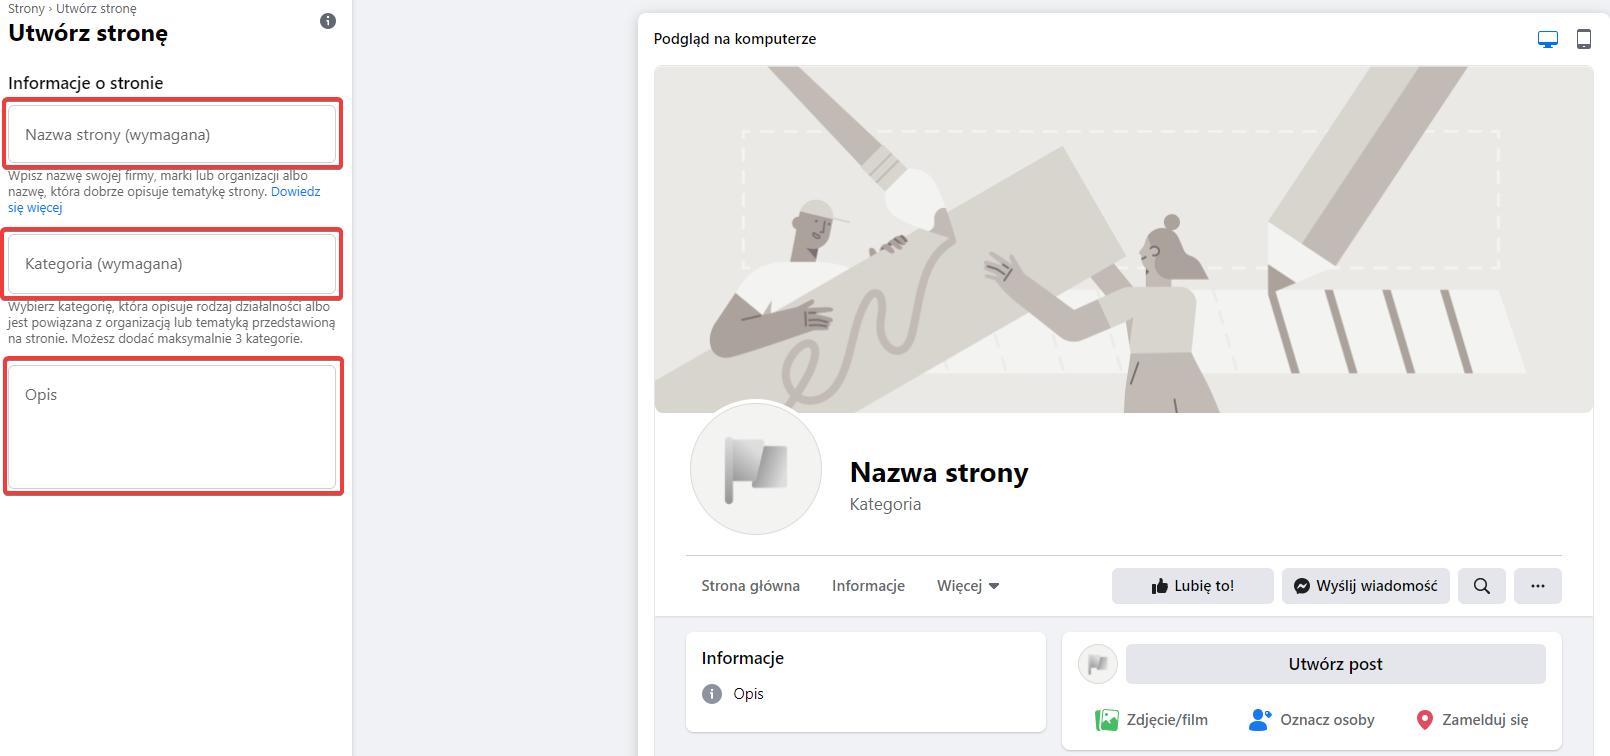 Tworzenie fanpage na Facebooku